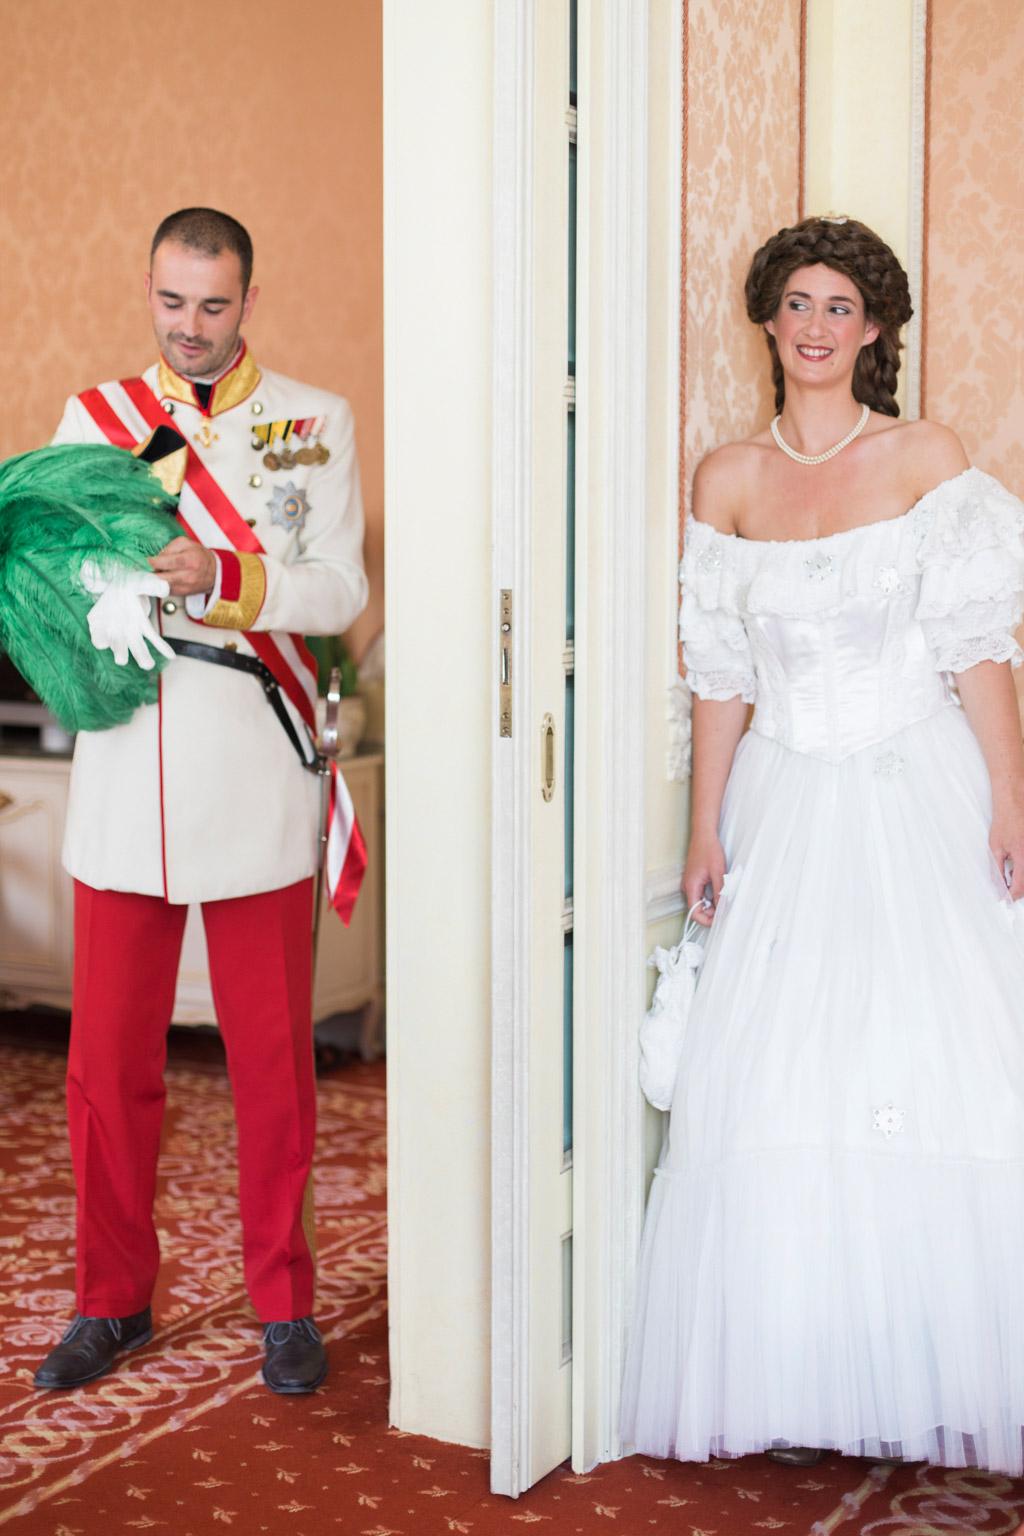 surprise-birthday-wedding-anniversary-themed-shooting-hotel-imperial-schloss-belvedere-vienna-austria-melanie-nedelko-photography-sissi-franz (12).JPG